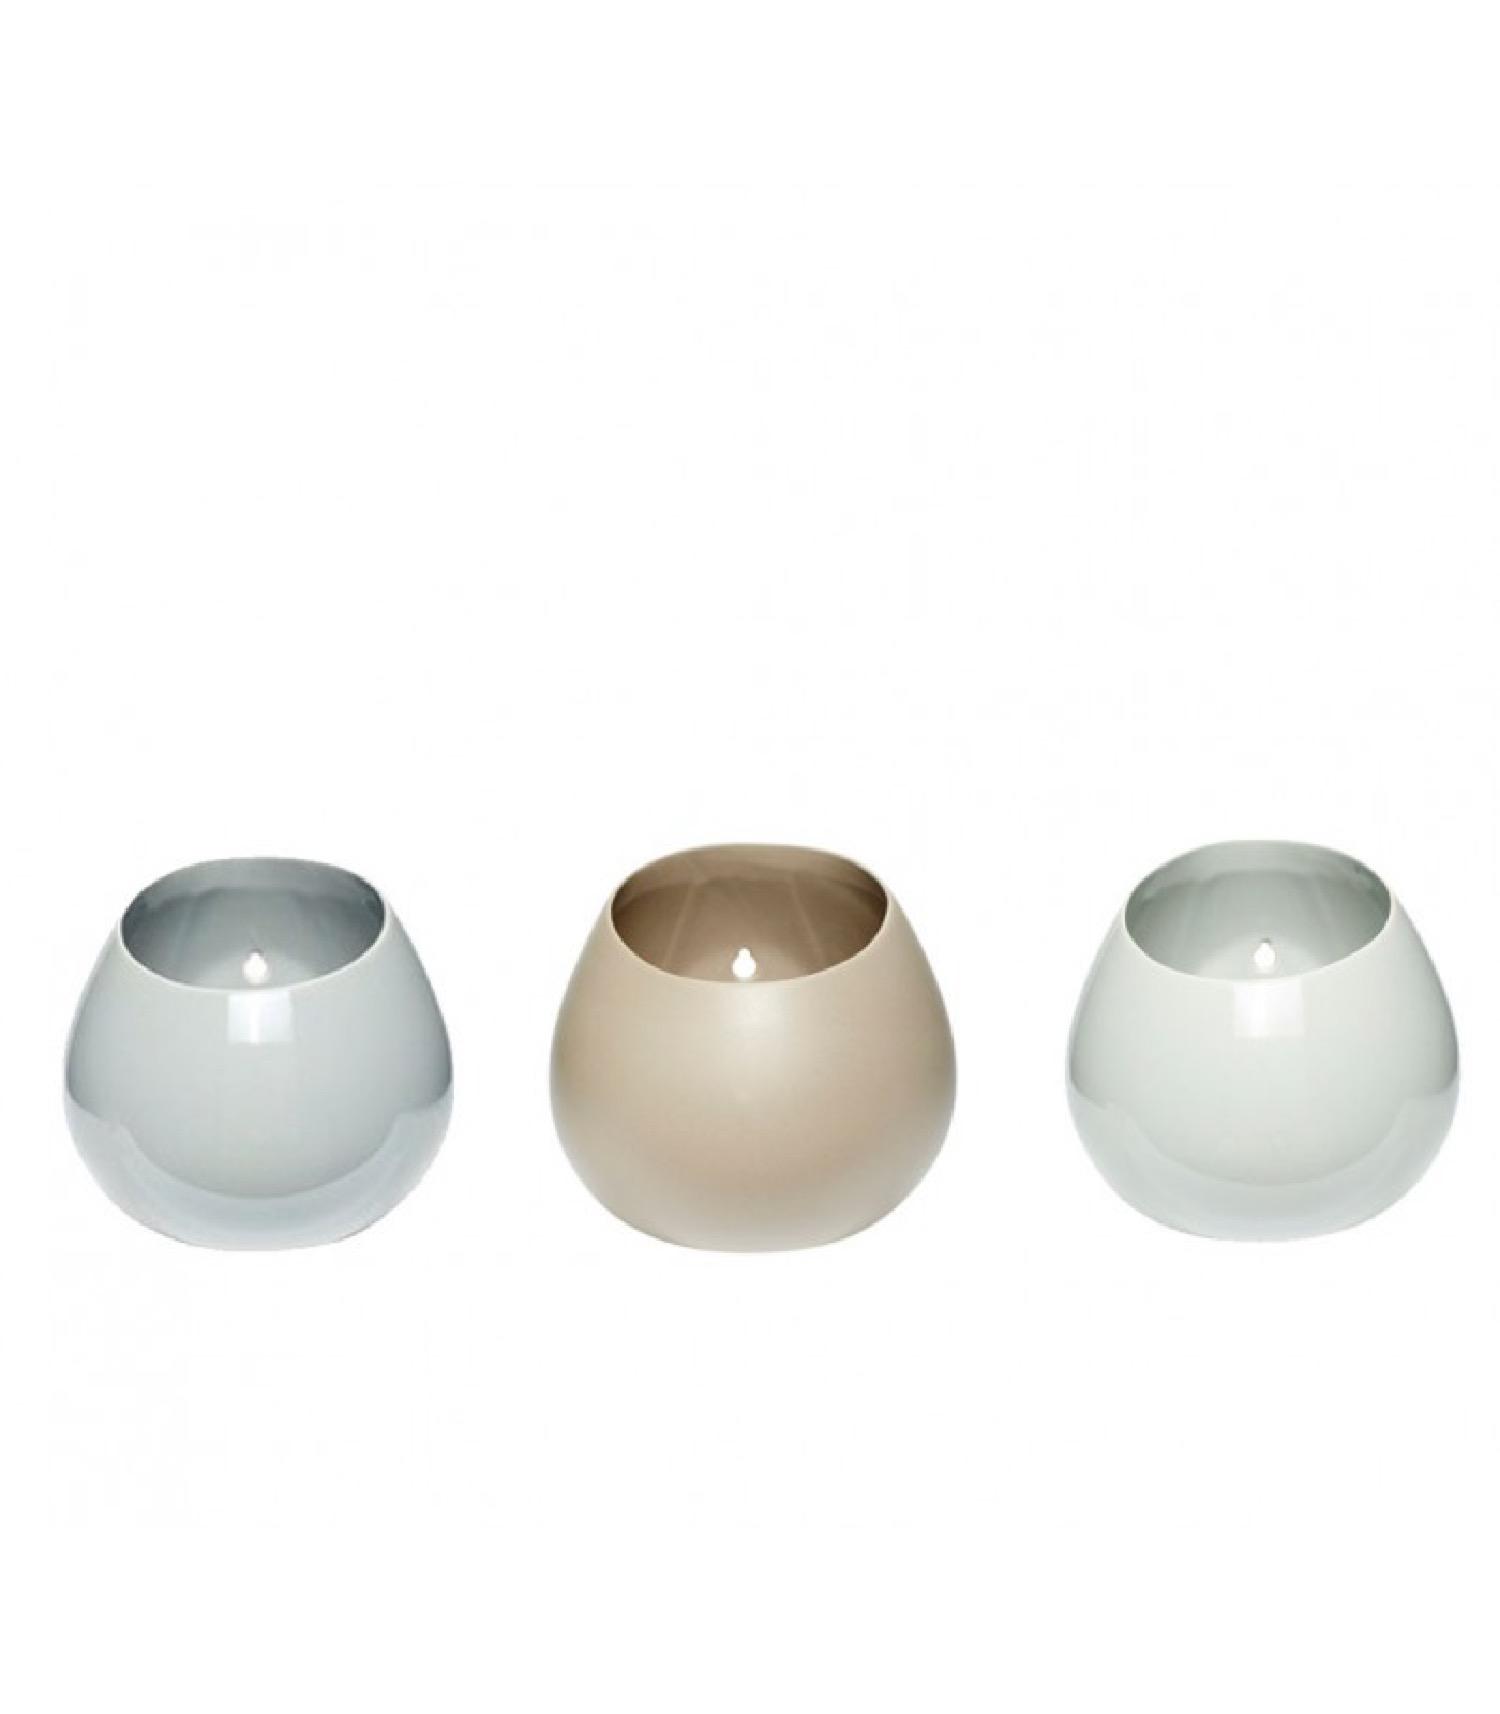 Set de 3 pots de rangement en porcelaine